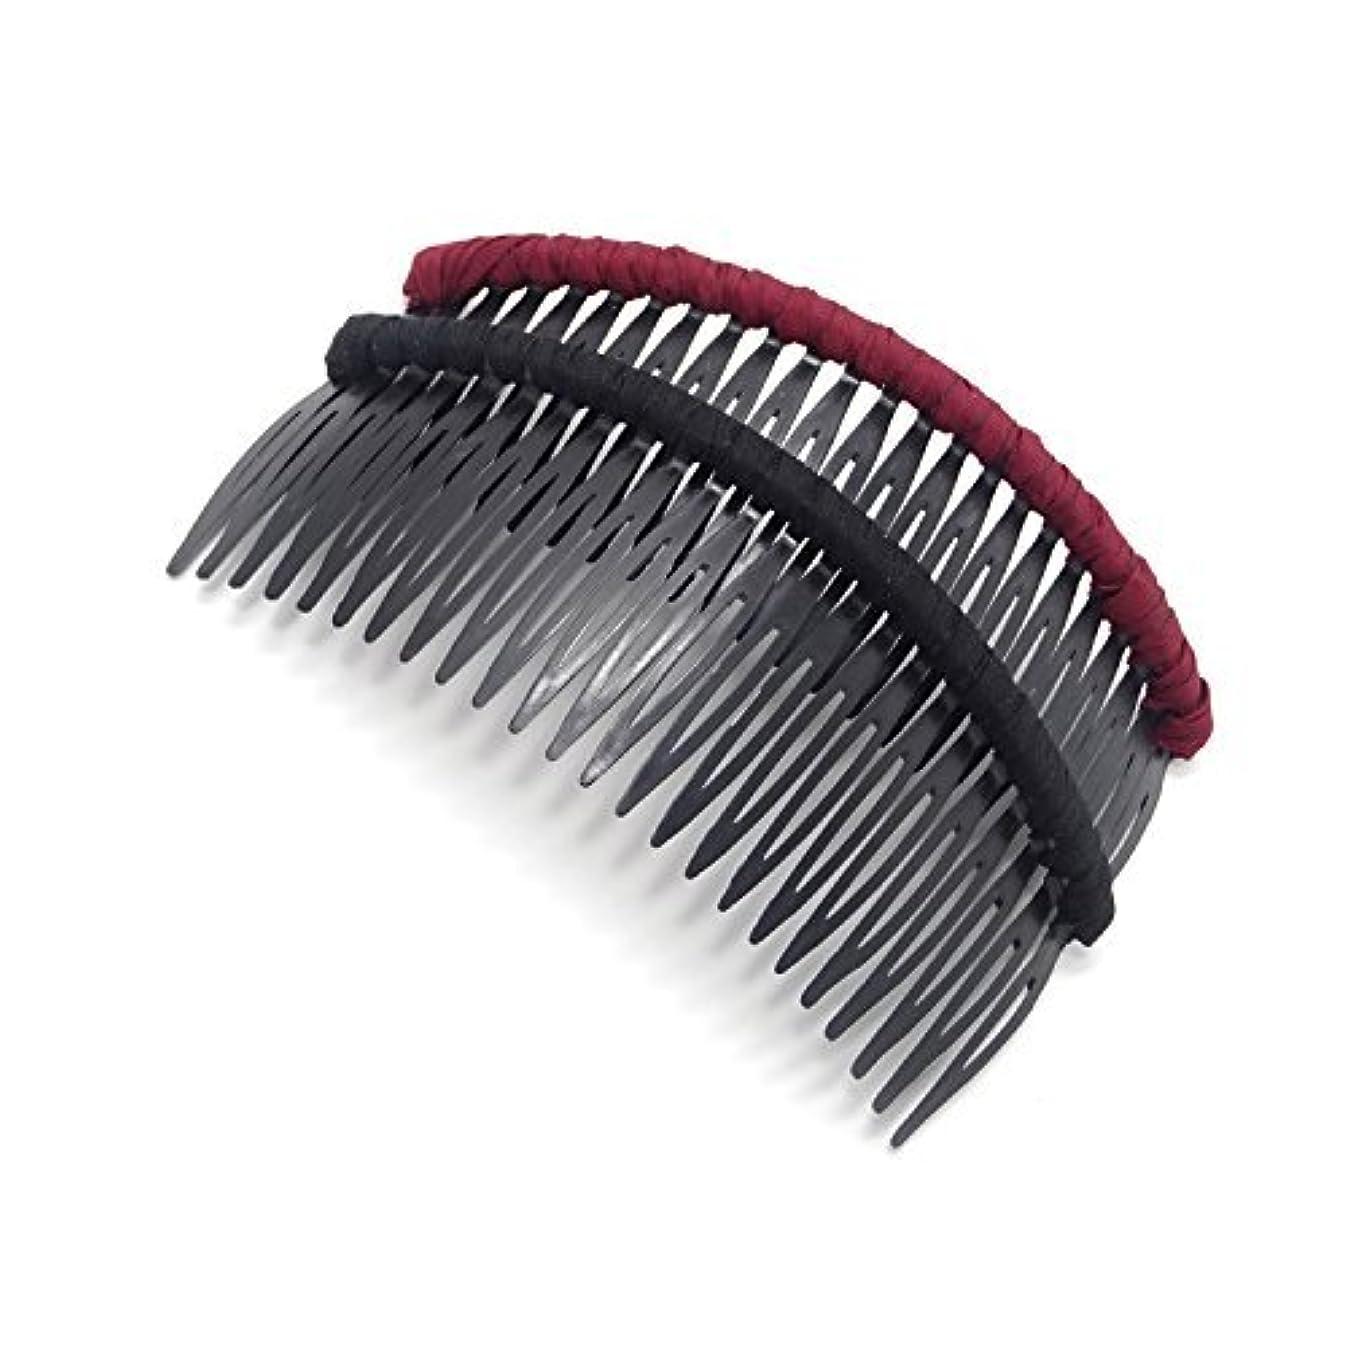 作曲家忍耐ハロウィンHonbay 2 PCS Different Color 24 Teeth Plastic Hair Comb Tuck Comb Hair Clip Hair Accessory for Women and Girls...